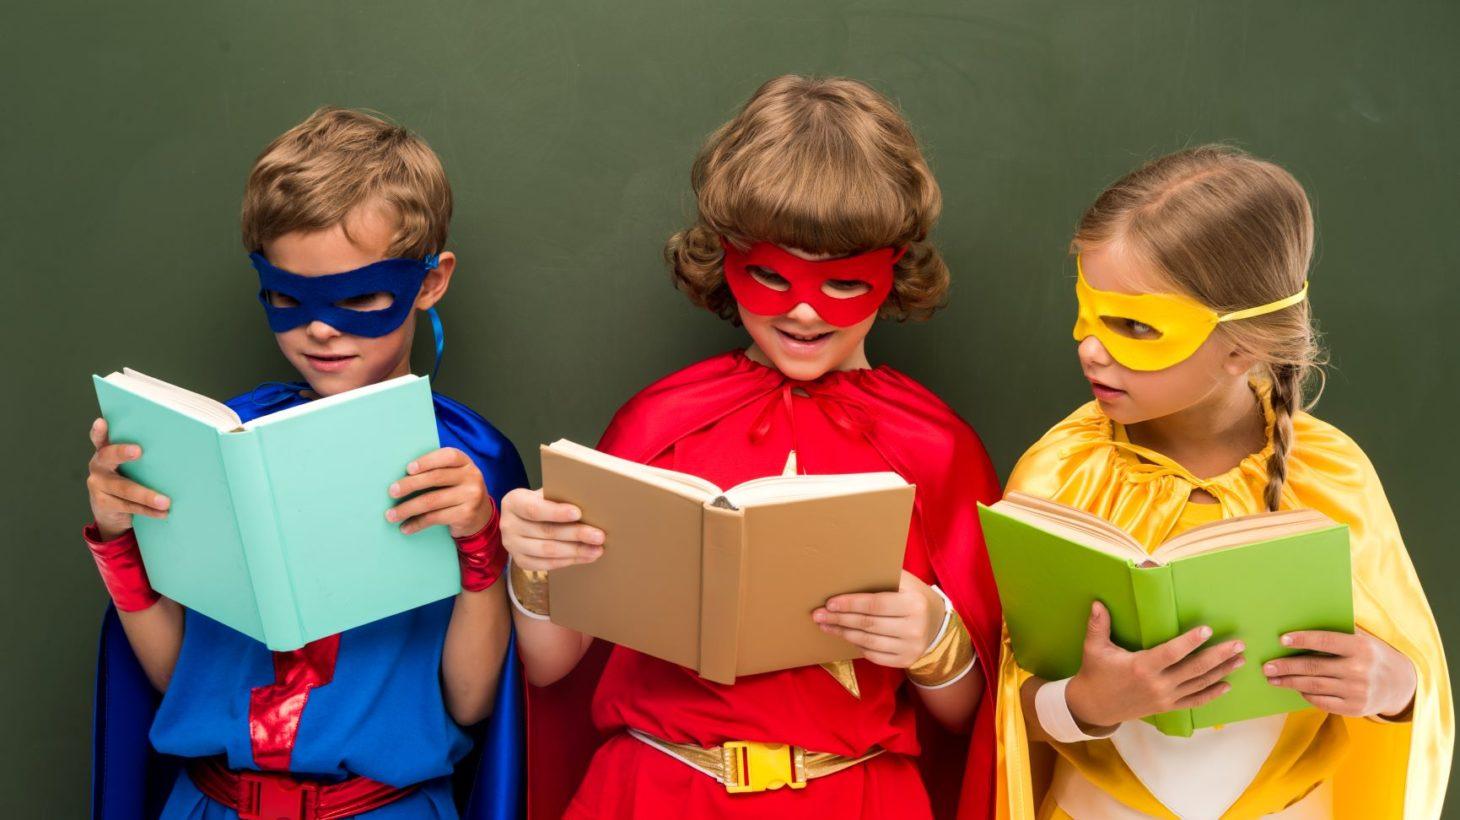 Barn utklädda till superhjältar läser böcker.